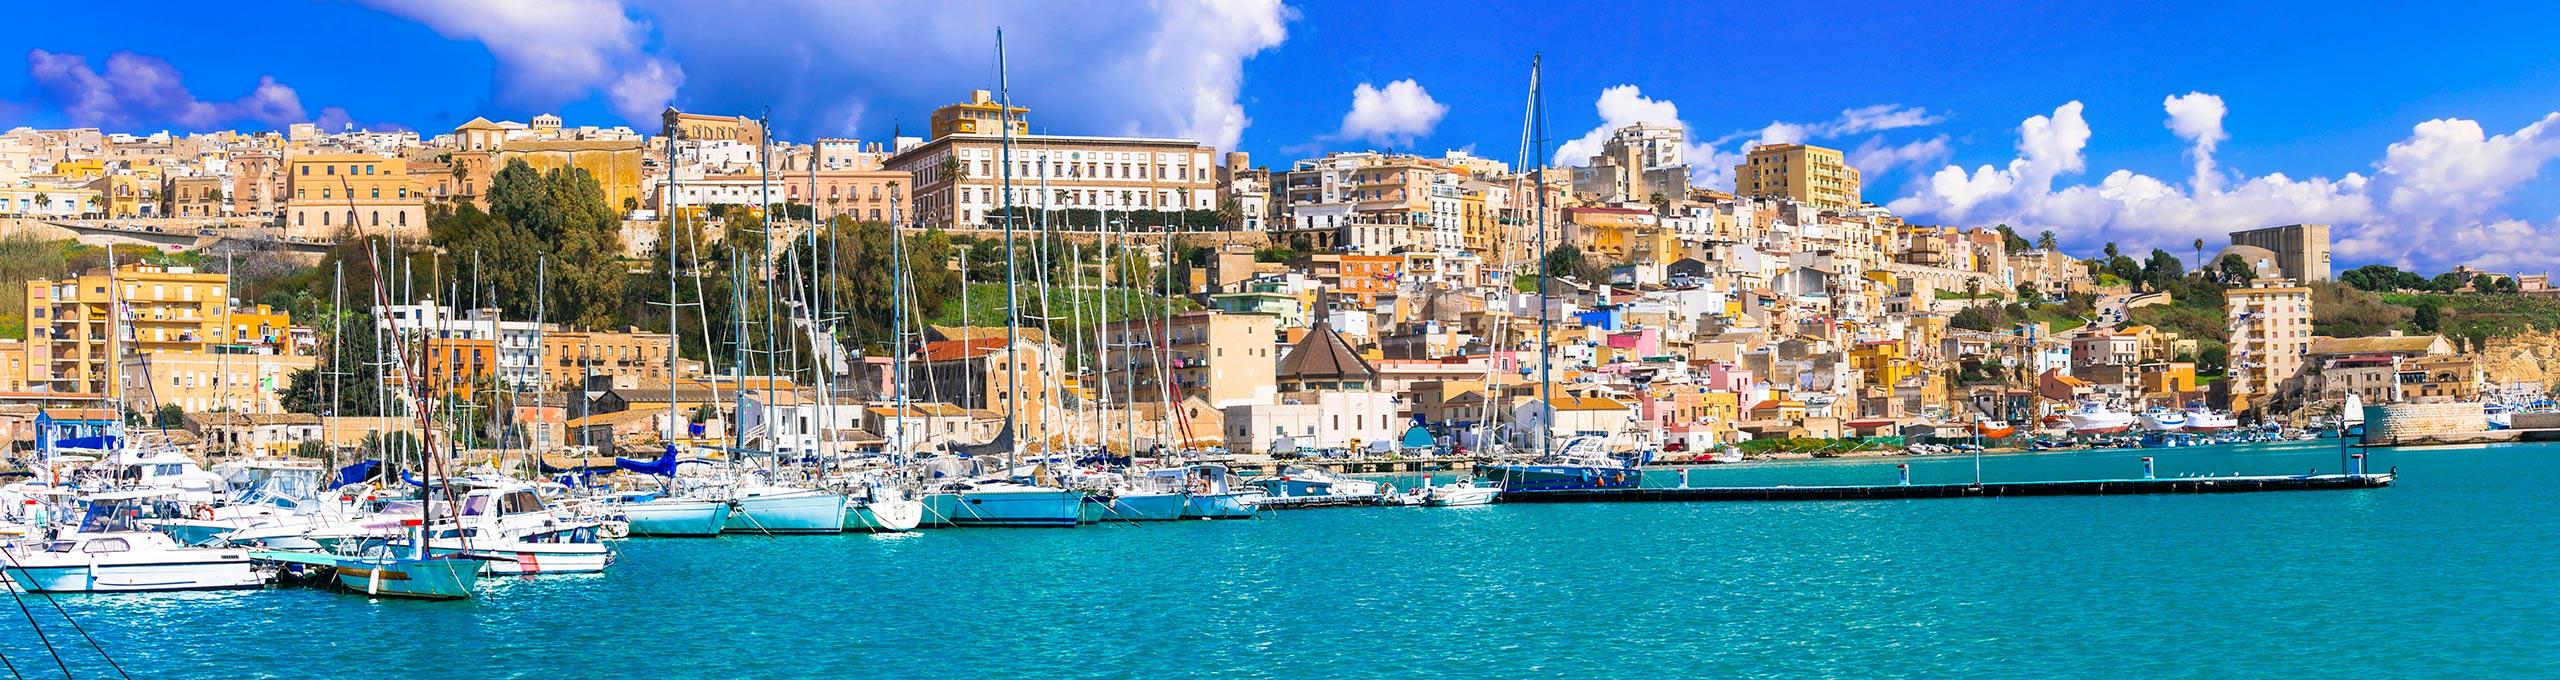 Sciacca, il porto si affaccia sul Canale di Sicilia